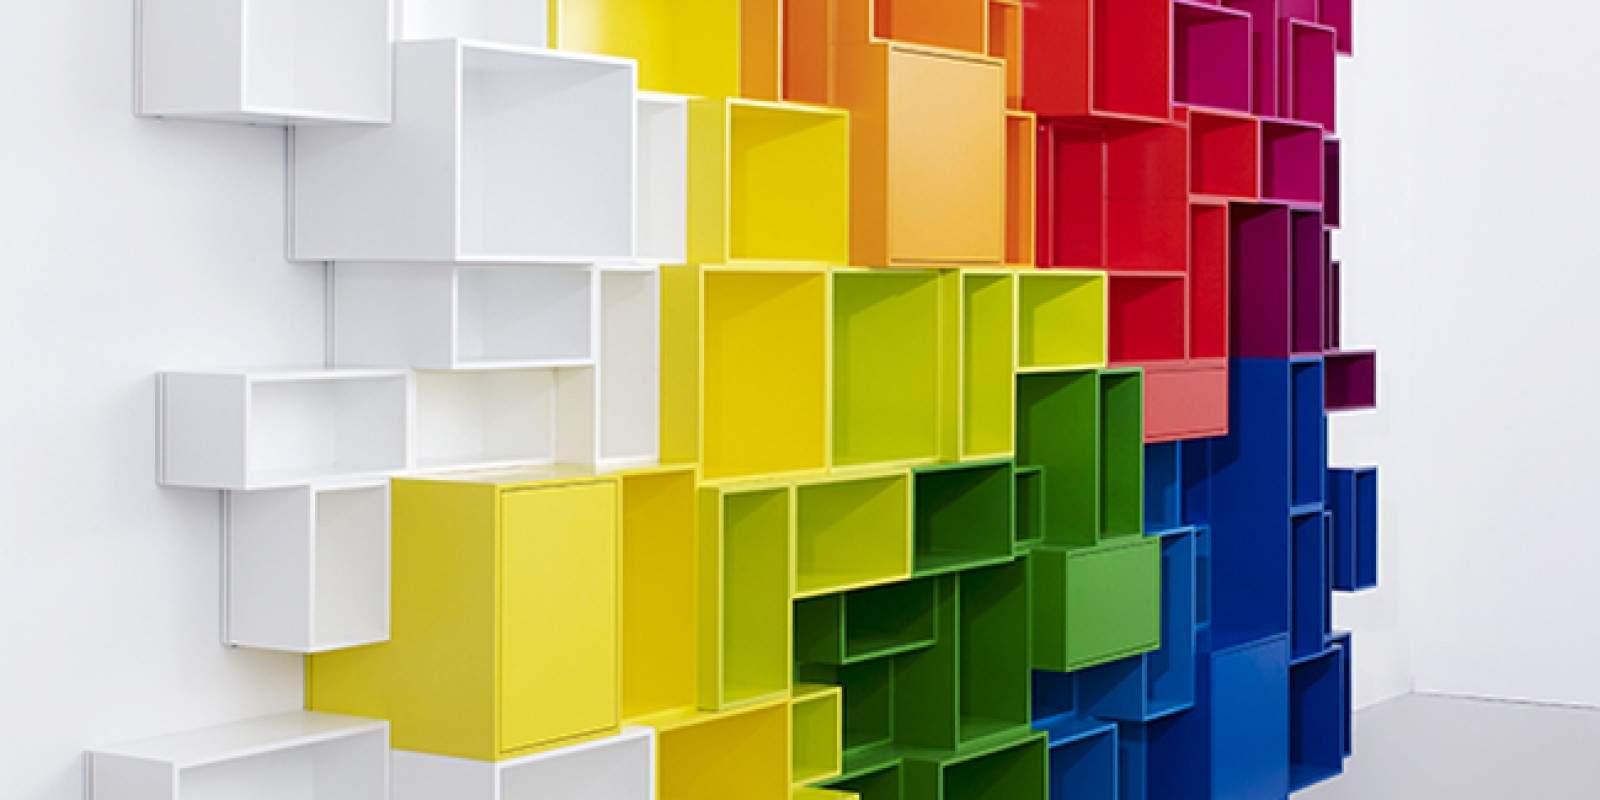 Rangement Cube Modulable Étagères de rangement modulables design cubit par mymito - jo yana